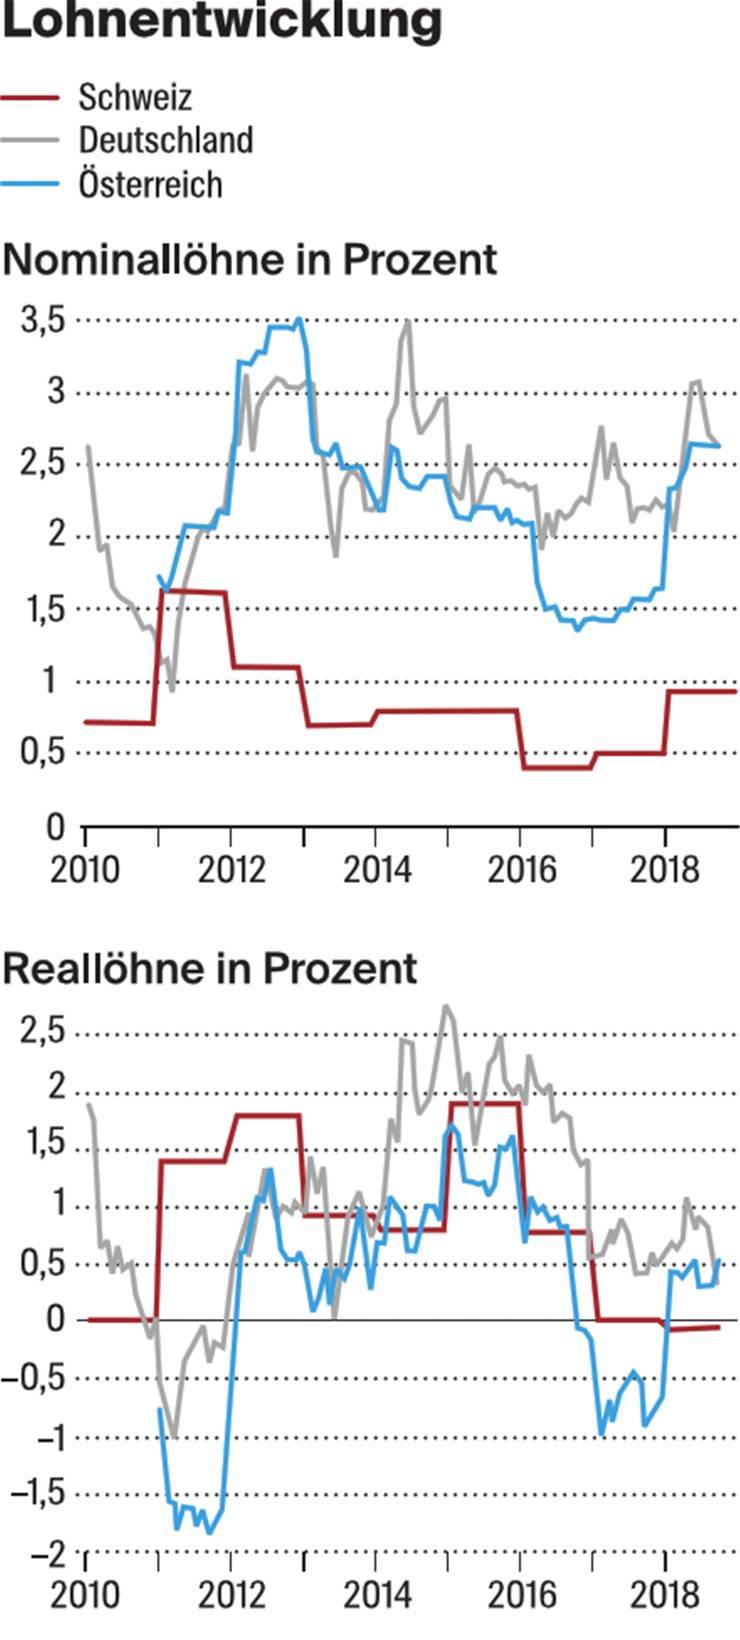 Die Schweizer Arbeitnehmer haben zuletzt enttäuschende Lohnrunden erlebt. Dabei boomt die hiesige Wirtschaft gerade. Den deutschen Arbeitnehmern erging es ab 2014 deutlich besser. Insbesondere nominal konnten sie stärker zulegen. Aber auch bereinigt um die Teuerung stiegen die dortigen Löhne stärker als in der Schweiz.